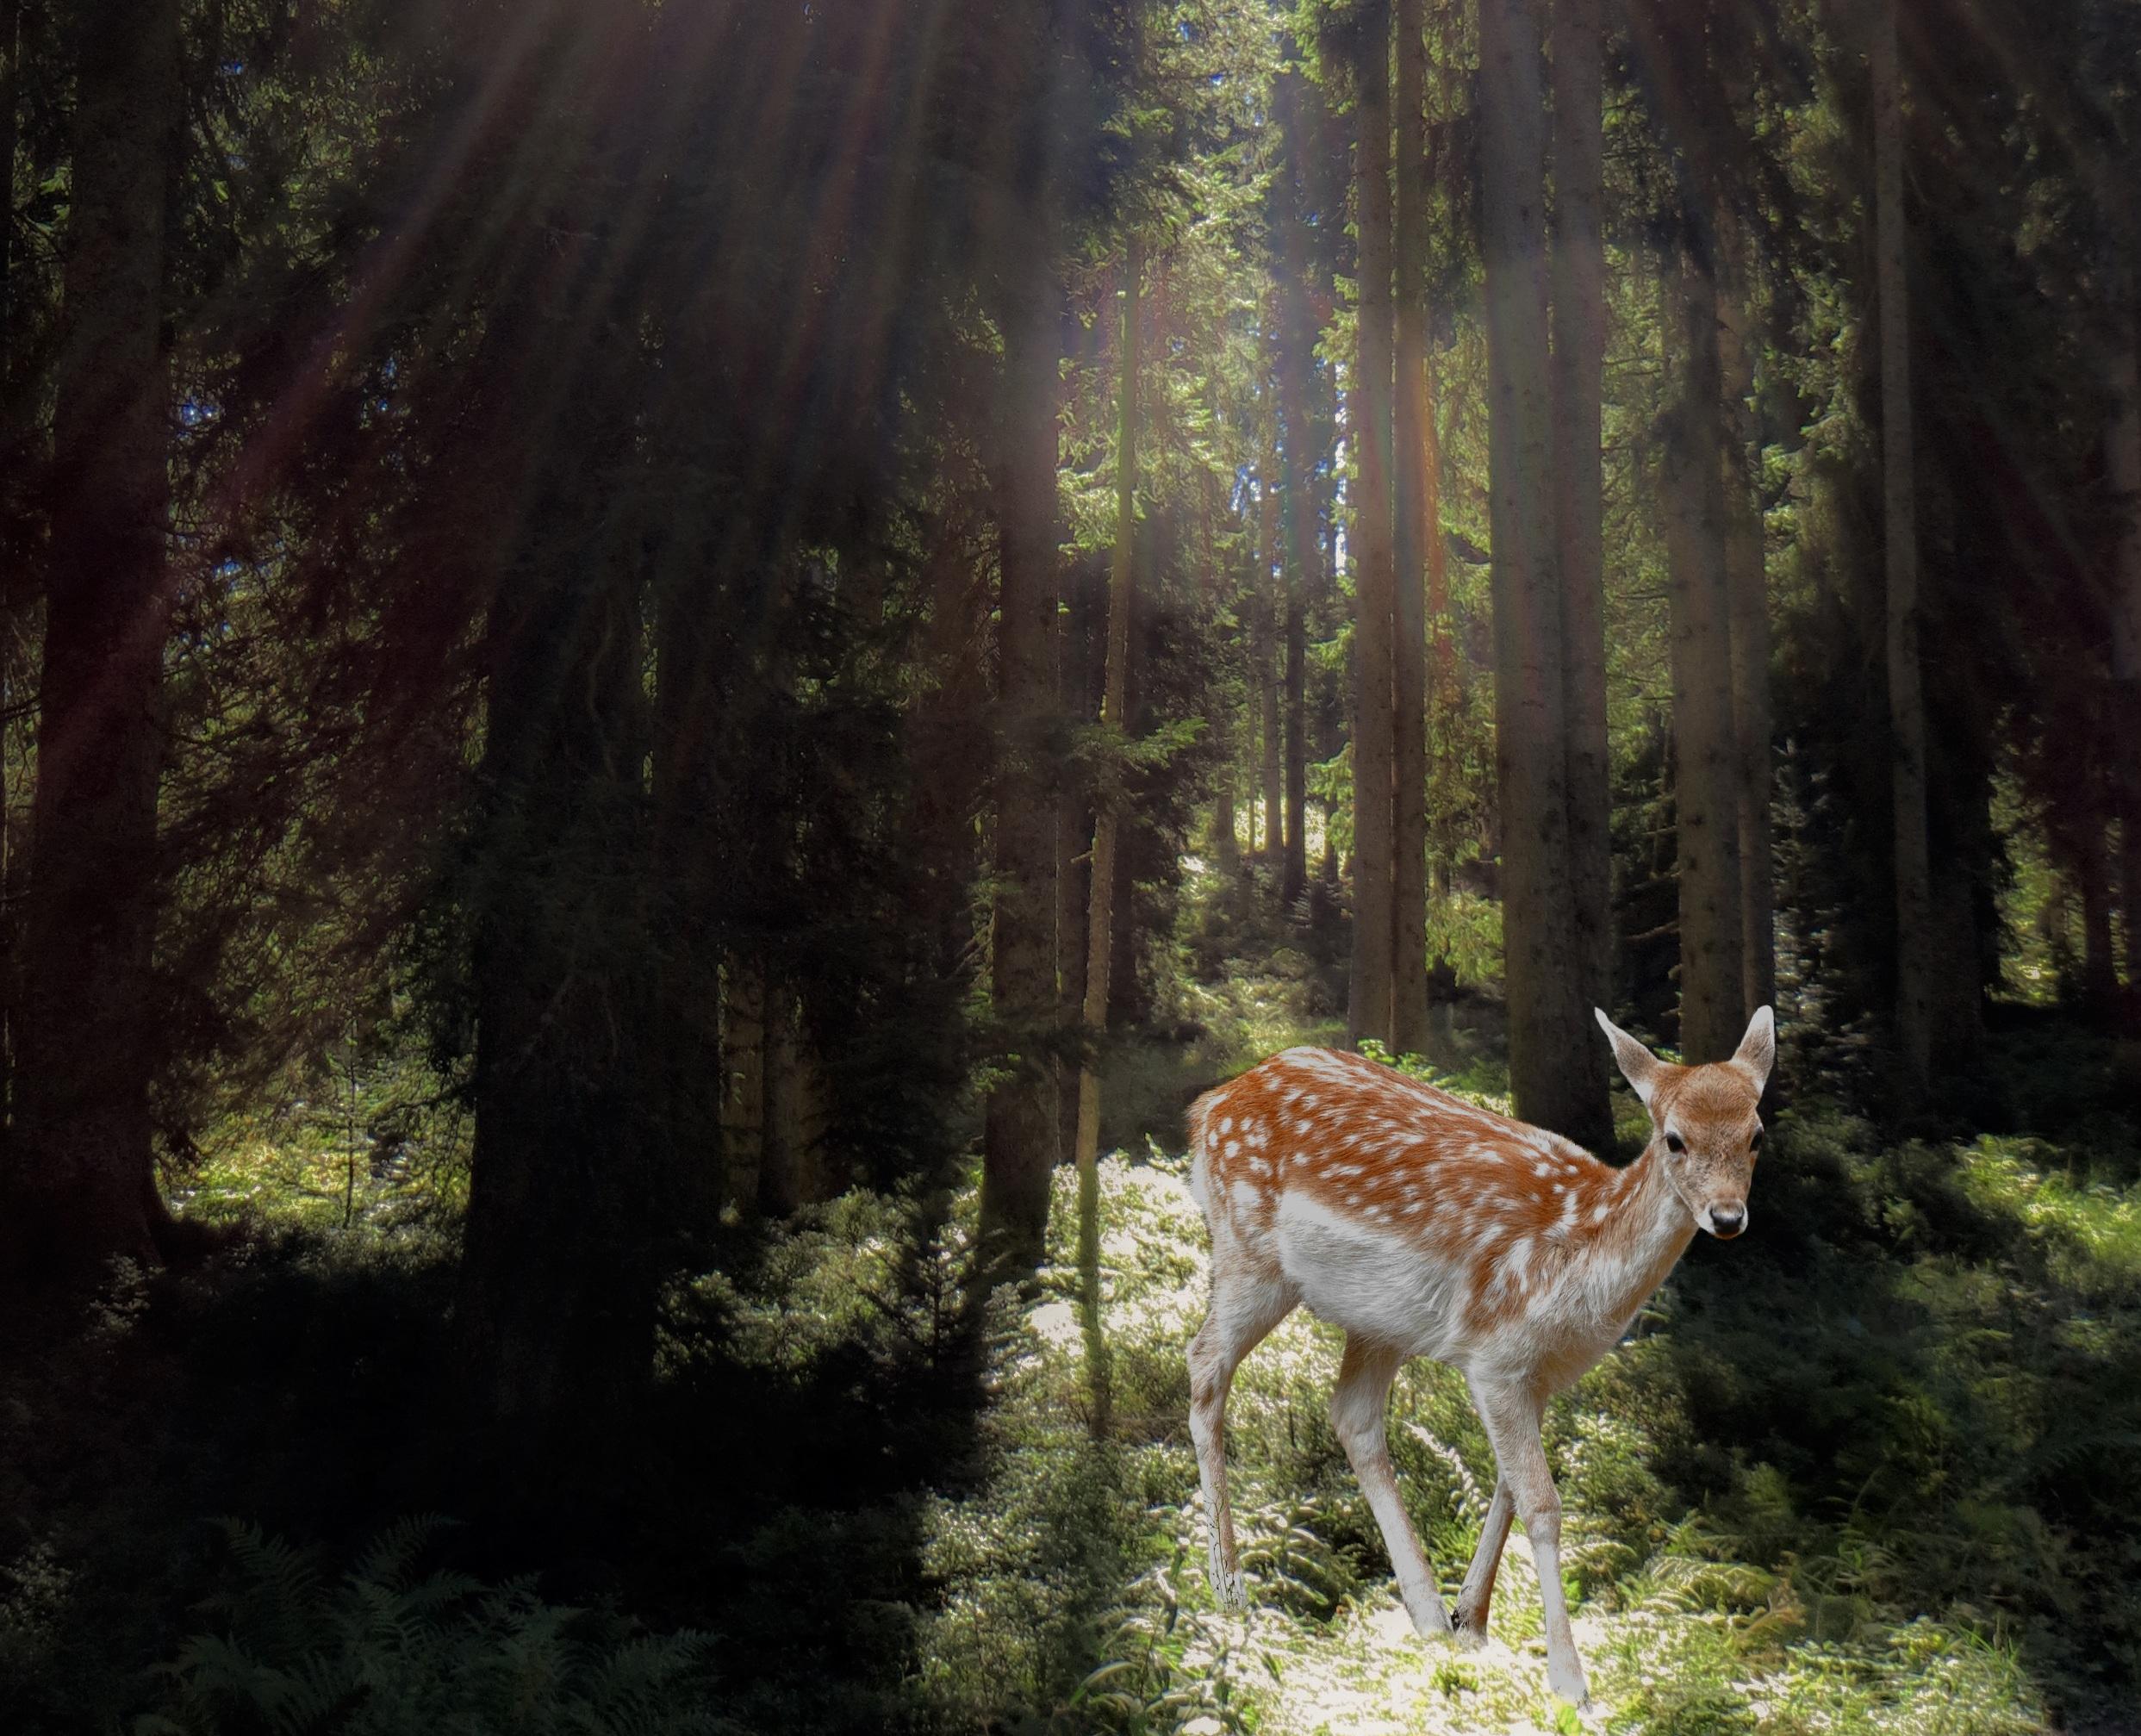 Сексуальные фантазии на дикой природе